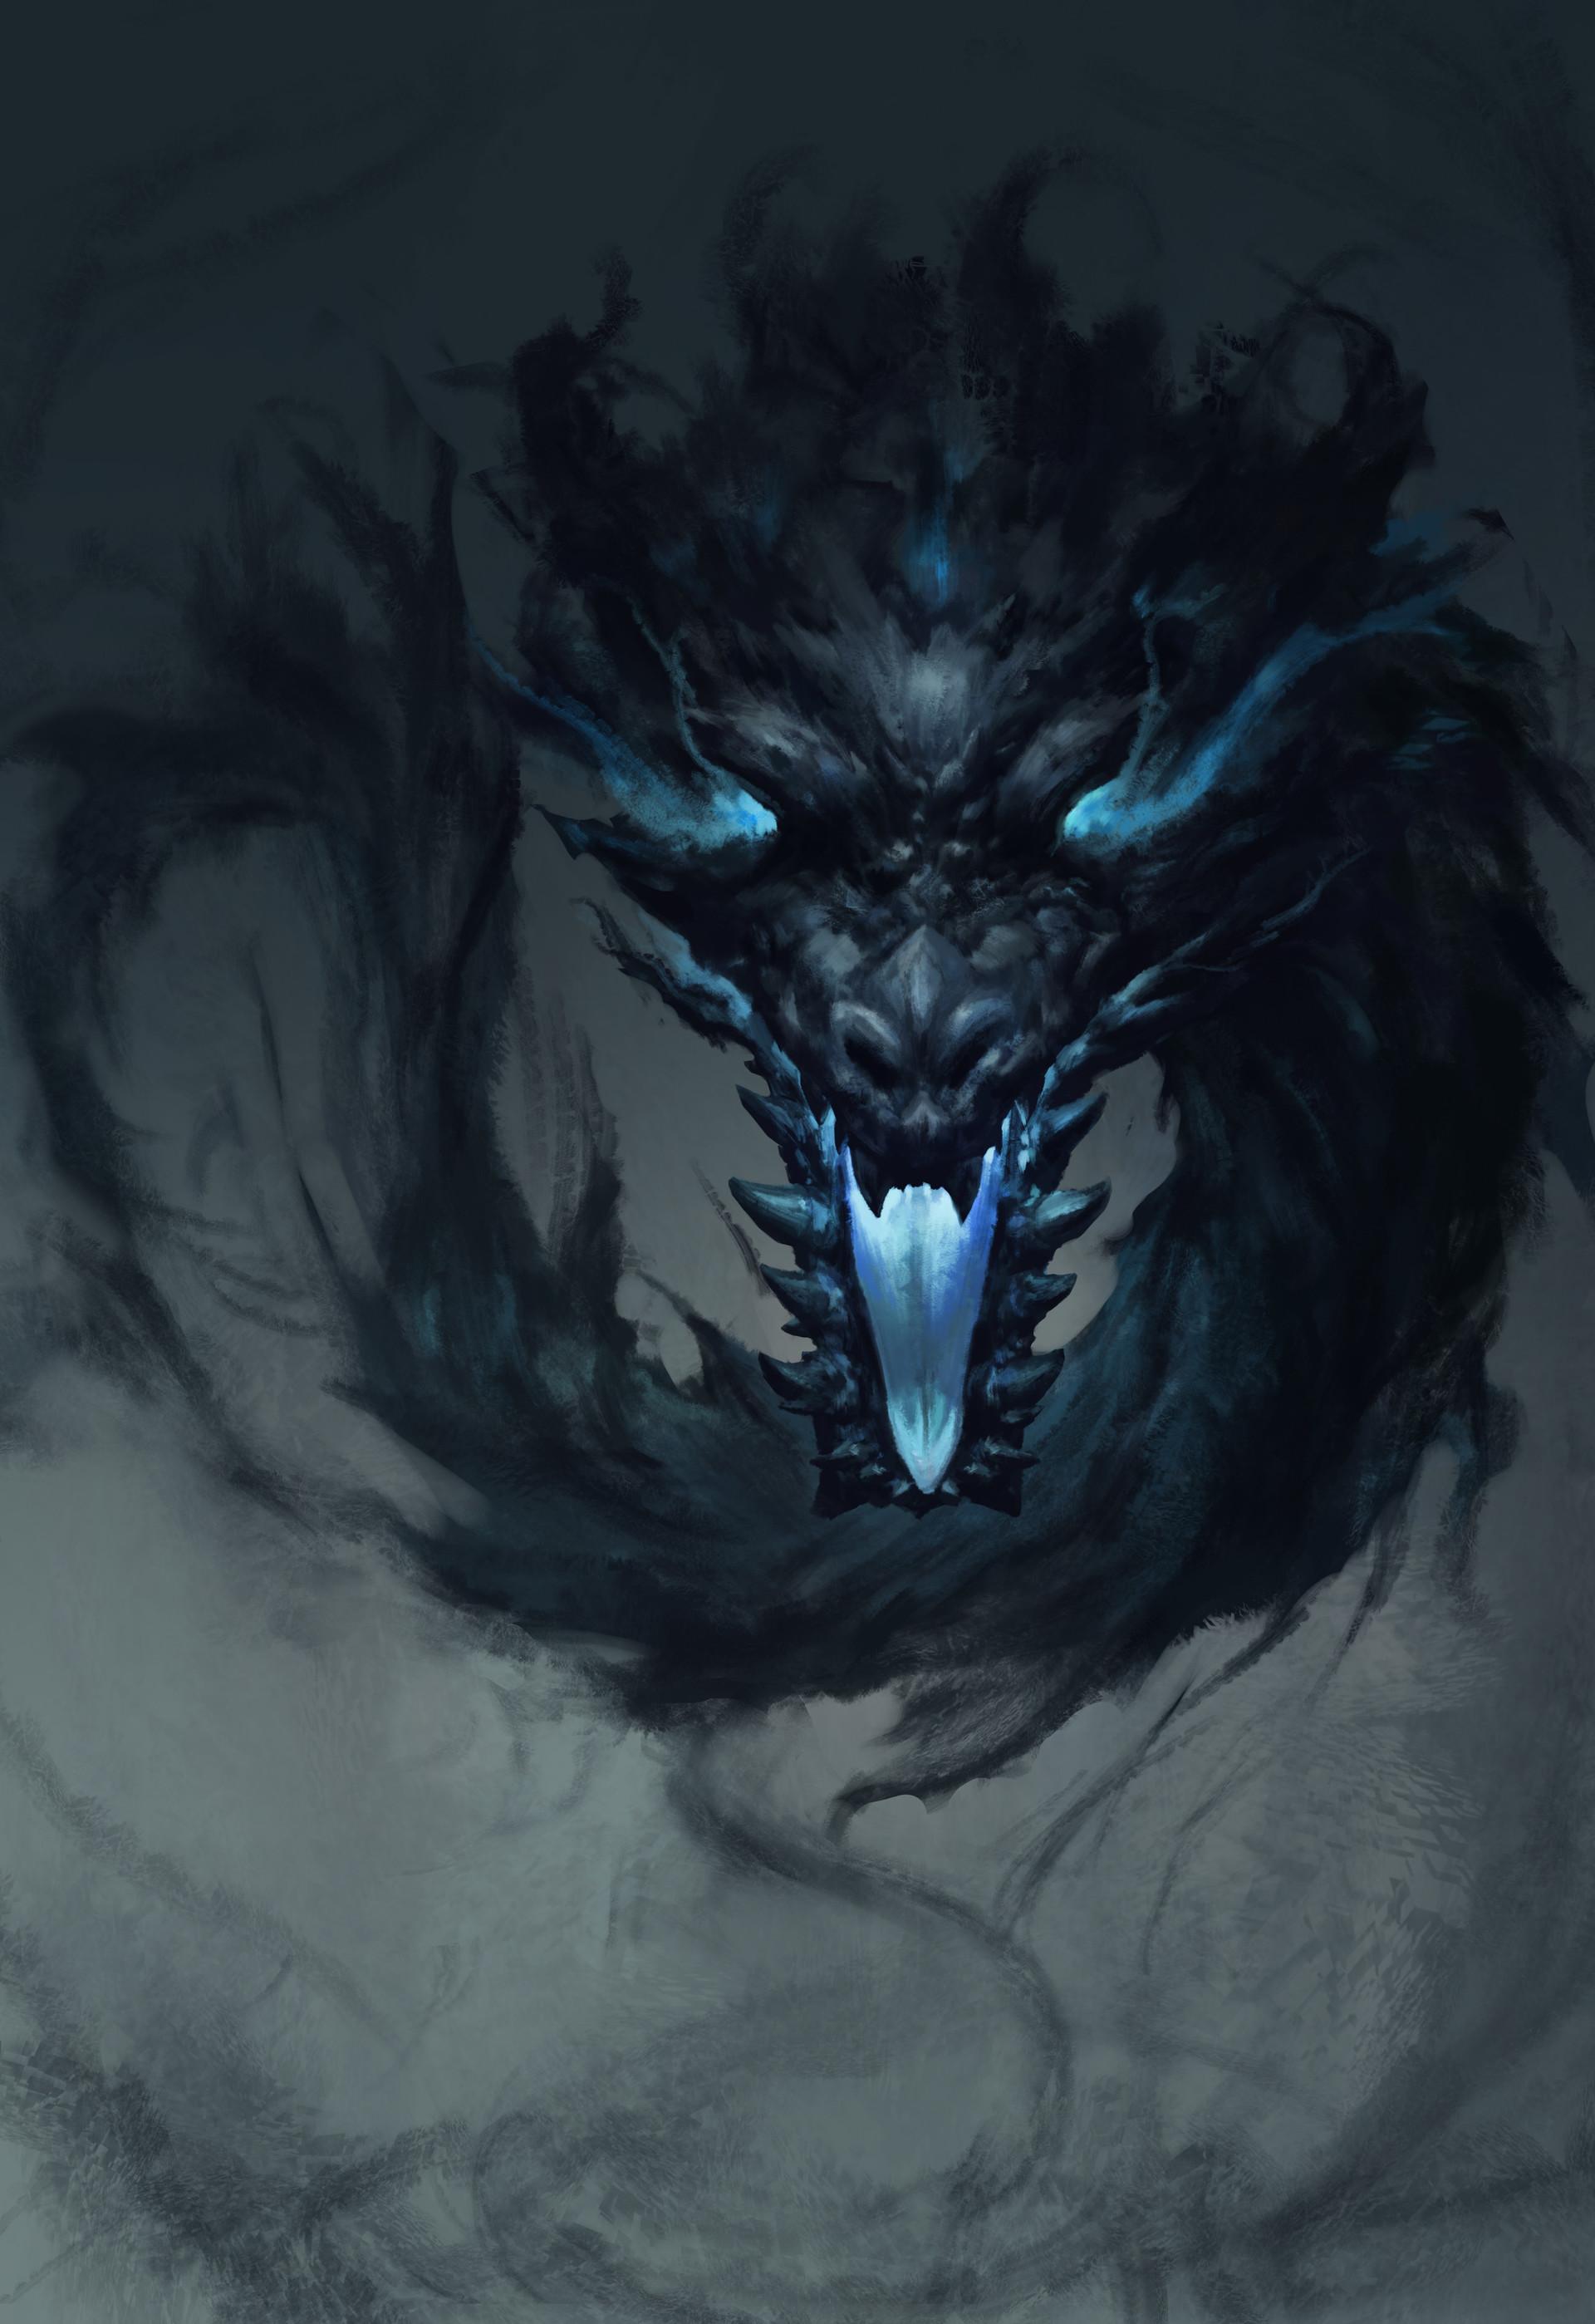 shadow dragon anime